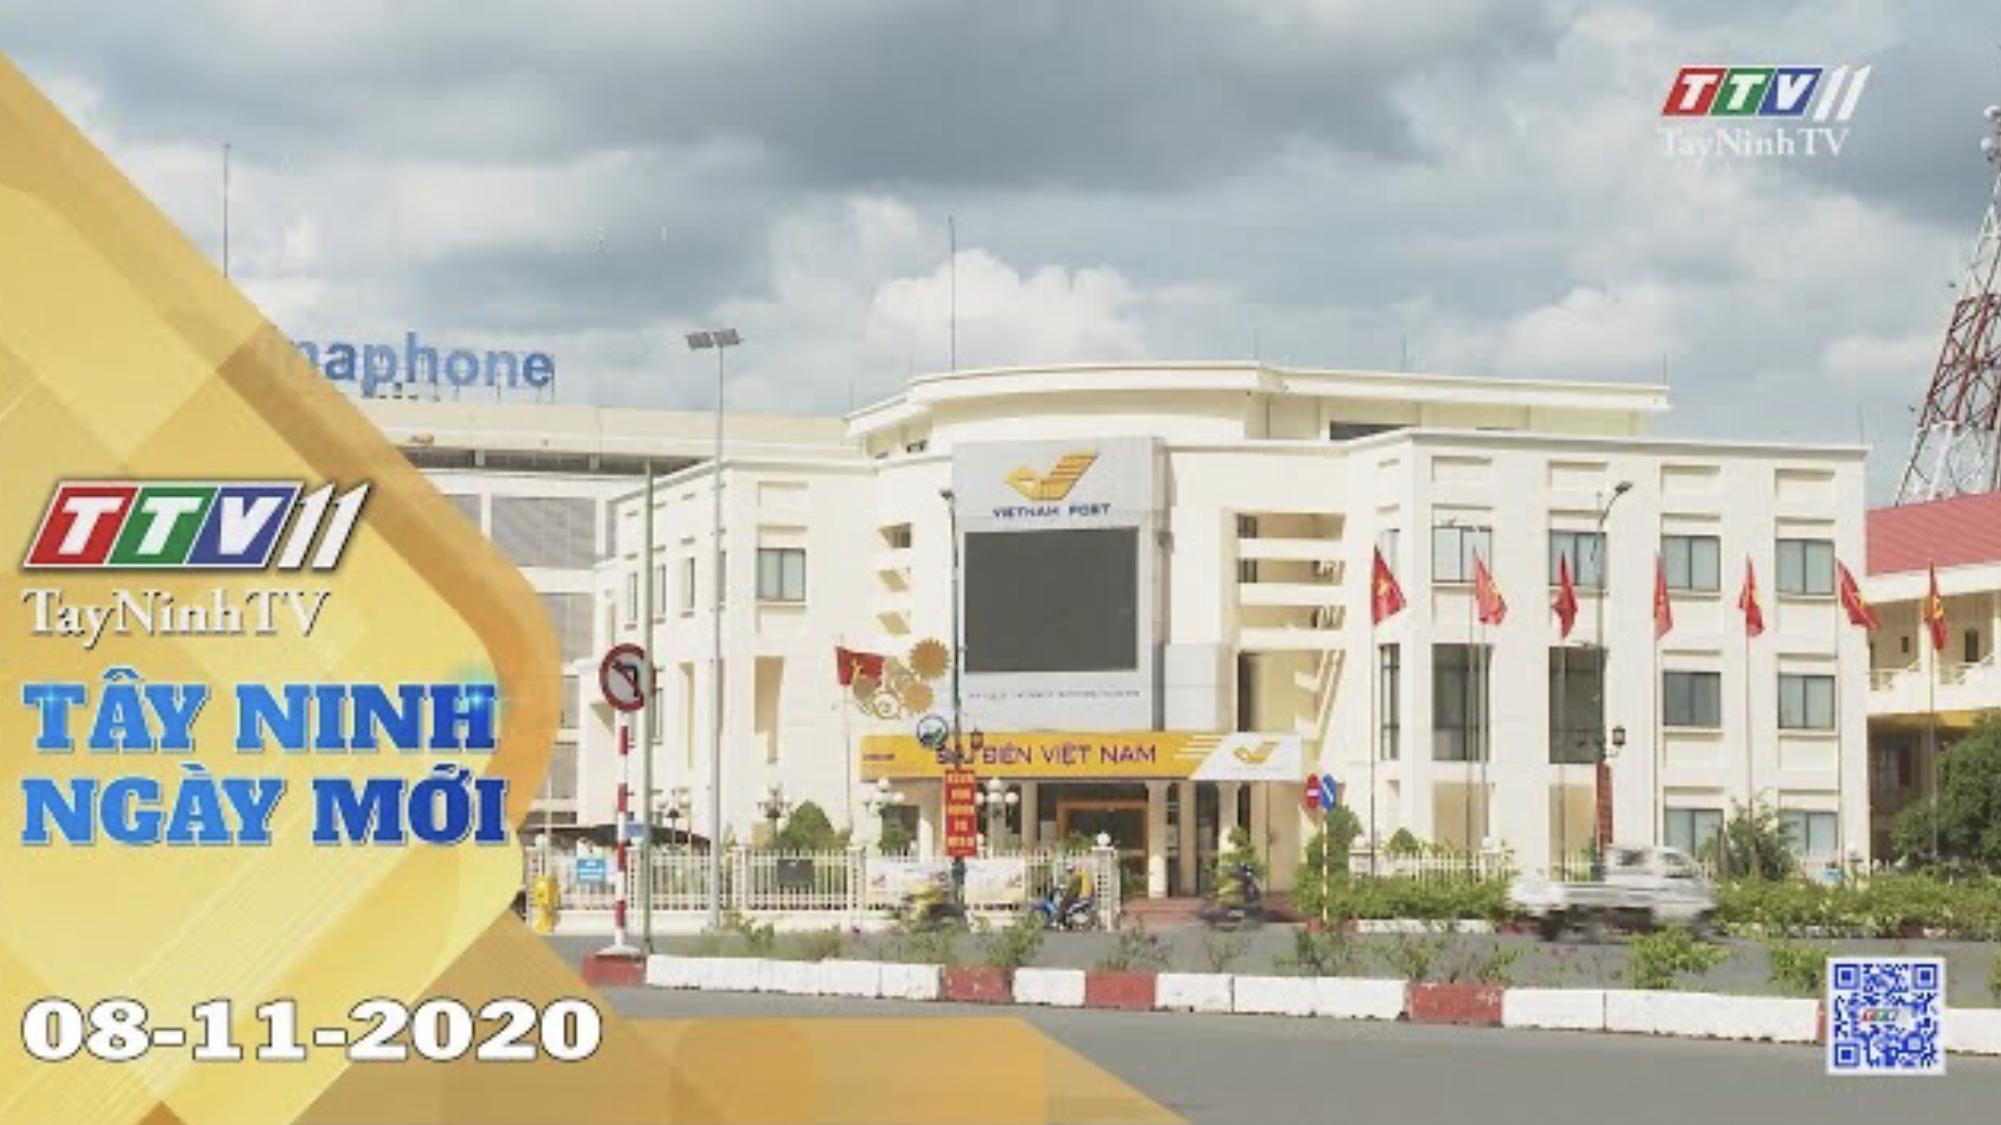 Tây Ninh Ngày Mới 08-11-2020 | Tin tức hôm nay | TayNinhTV